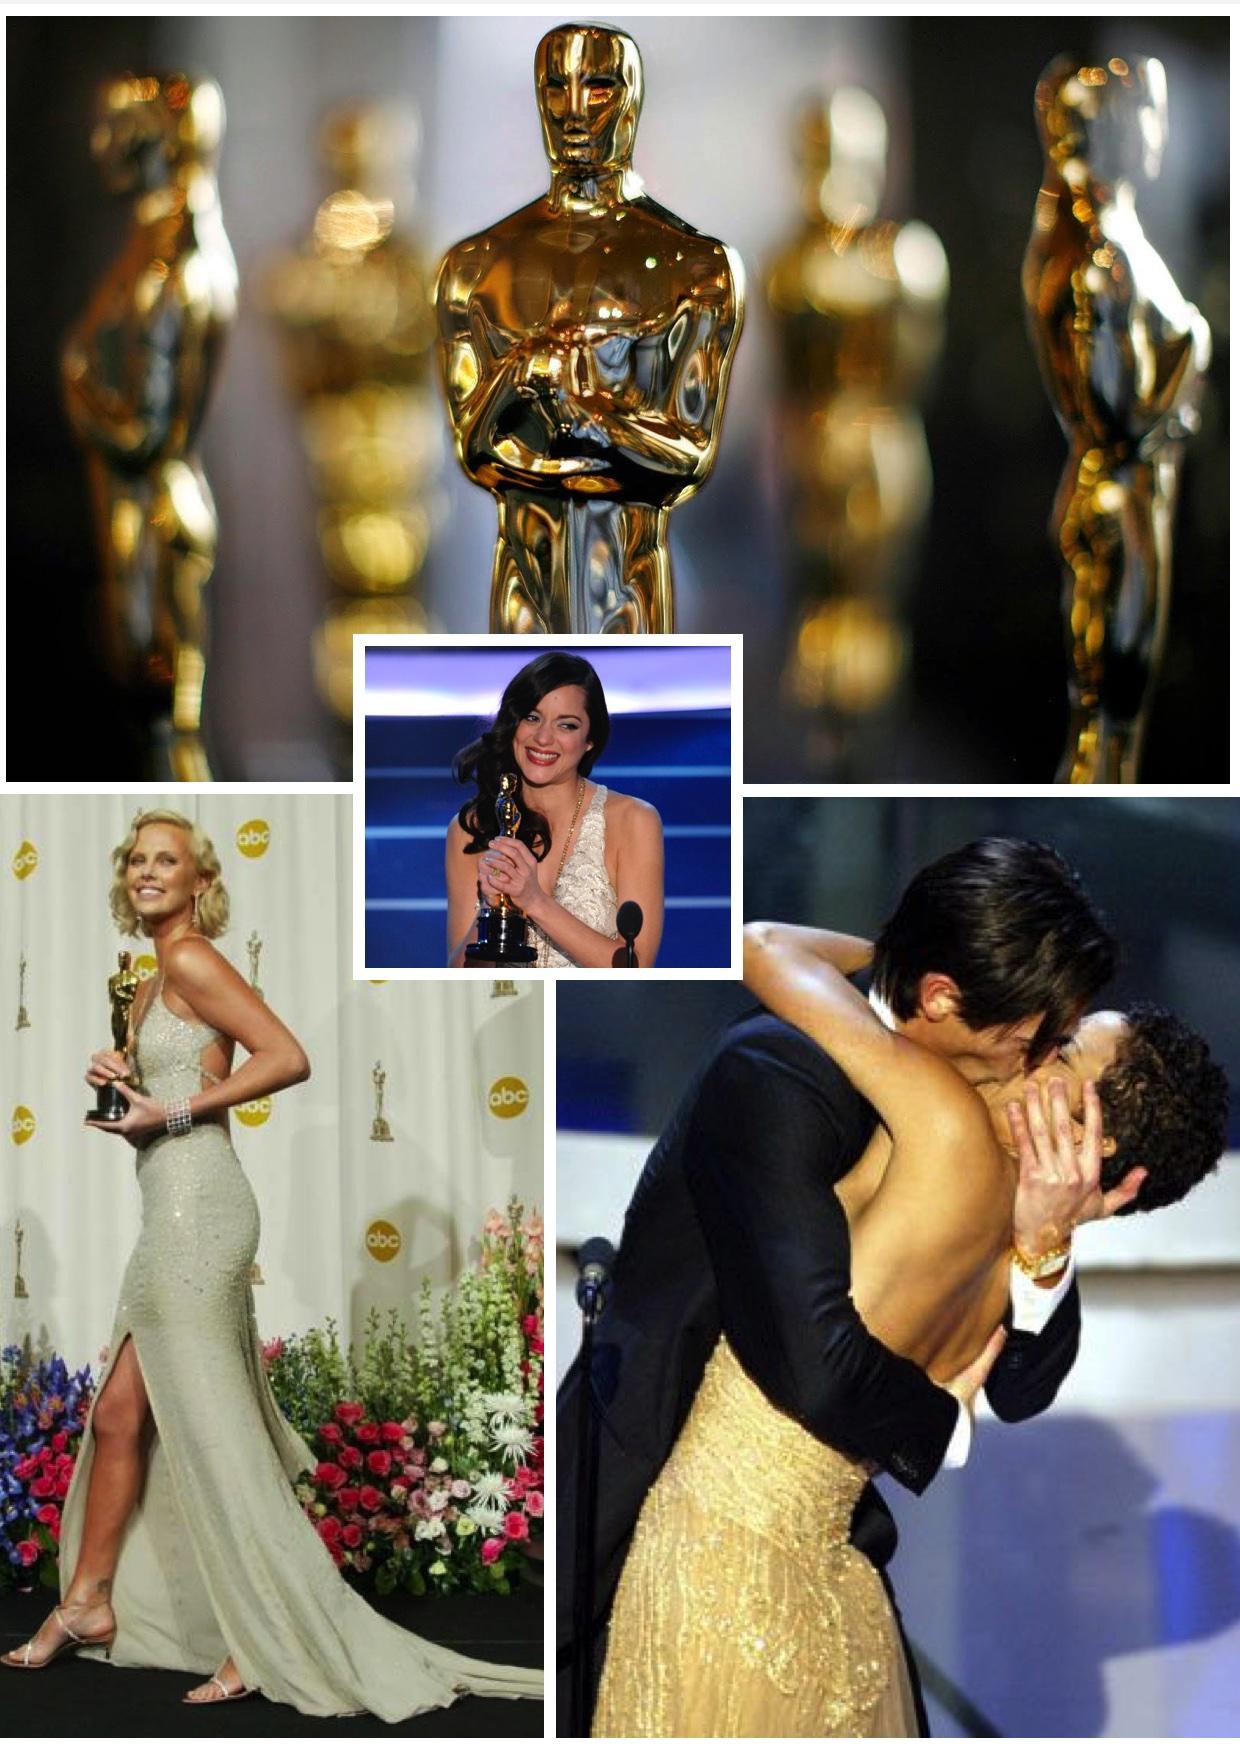 """Til venstre: Charlize Theron da hun vant en Oscar for filmen """"Monster"""", på midten Marion Cotillard da hun vant for sin uforglemmelige prestasjon som Edith Piaf i """"La Môme"""", til høyre: Adrien Brody ble så glad da han vant Oscar for sin rolle i """"Pianisten"""" (en av de fineste filmene jeg vet!) at han kastet seg spontant over fjorårets vinner, Halle Berry, og kysset henne :-)"""